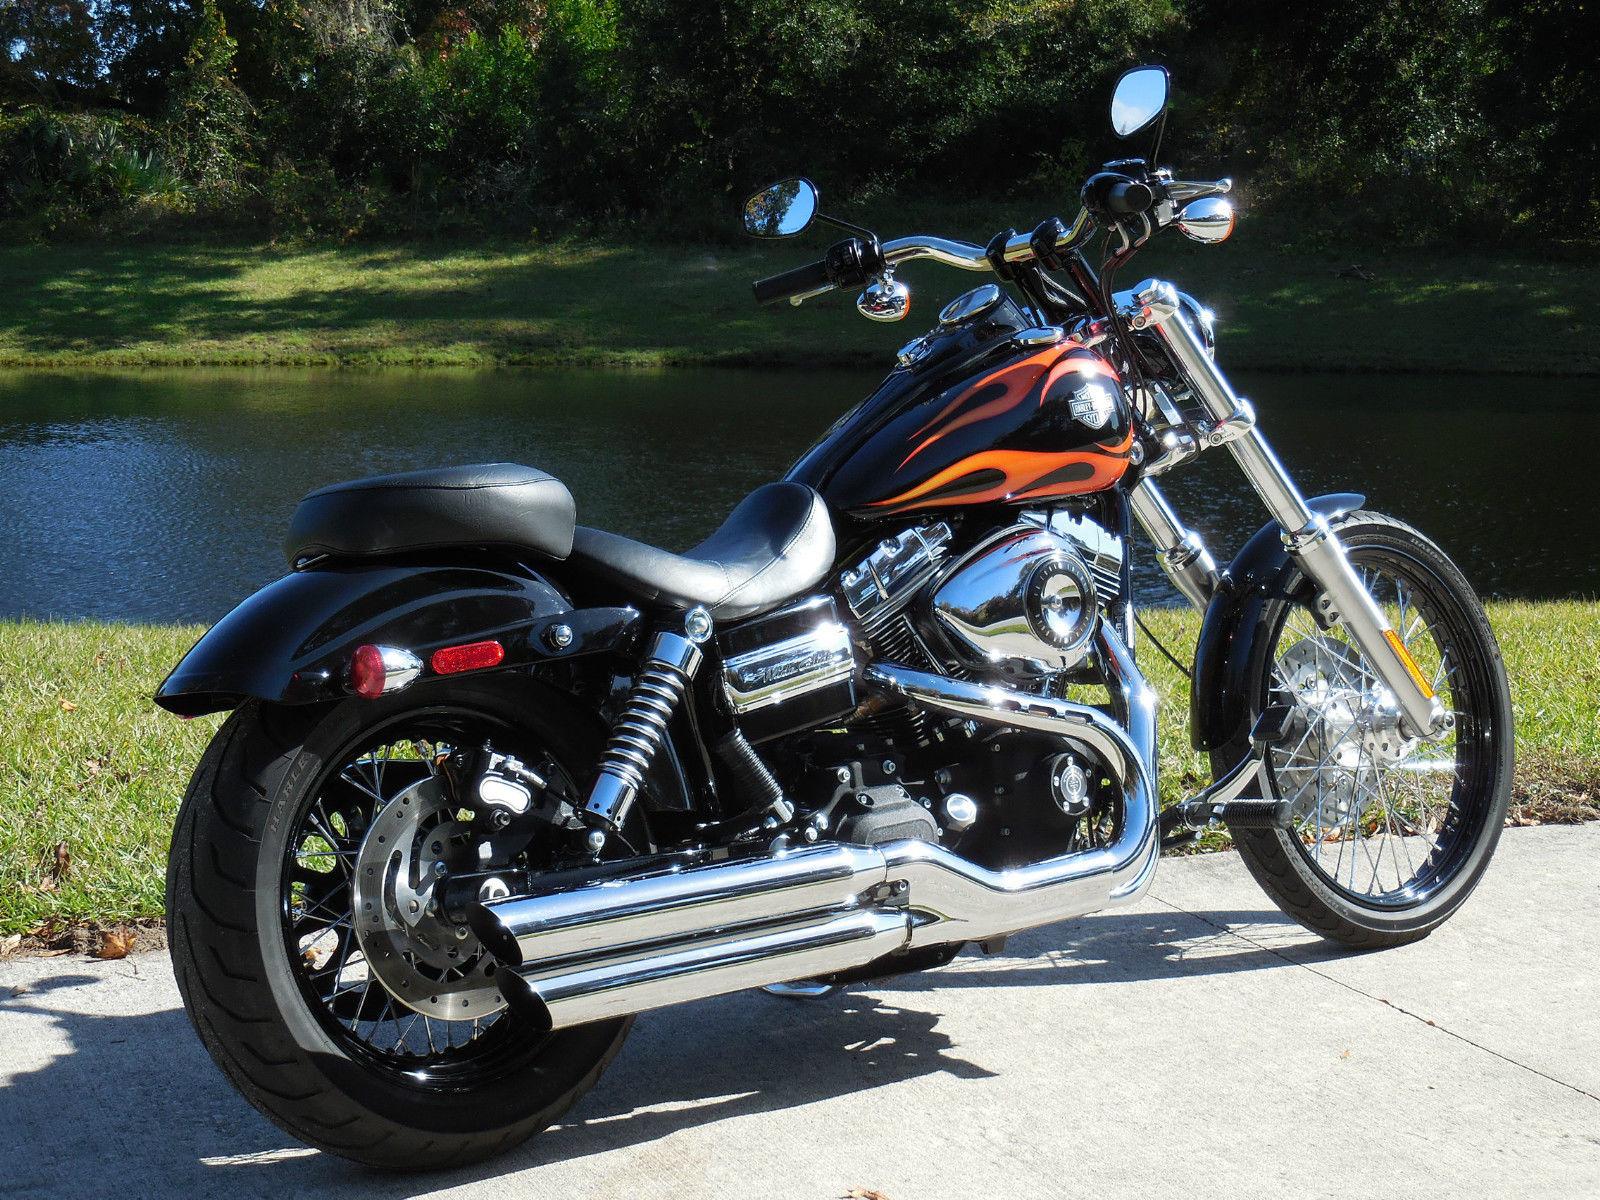 2010 Harley Davidson Dyna Wide Glide Only 4k miles best color